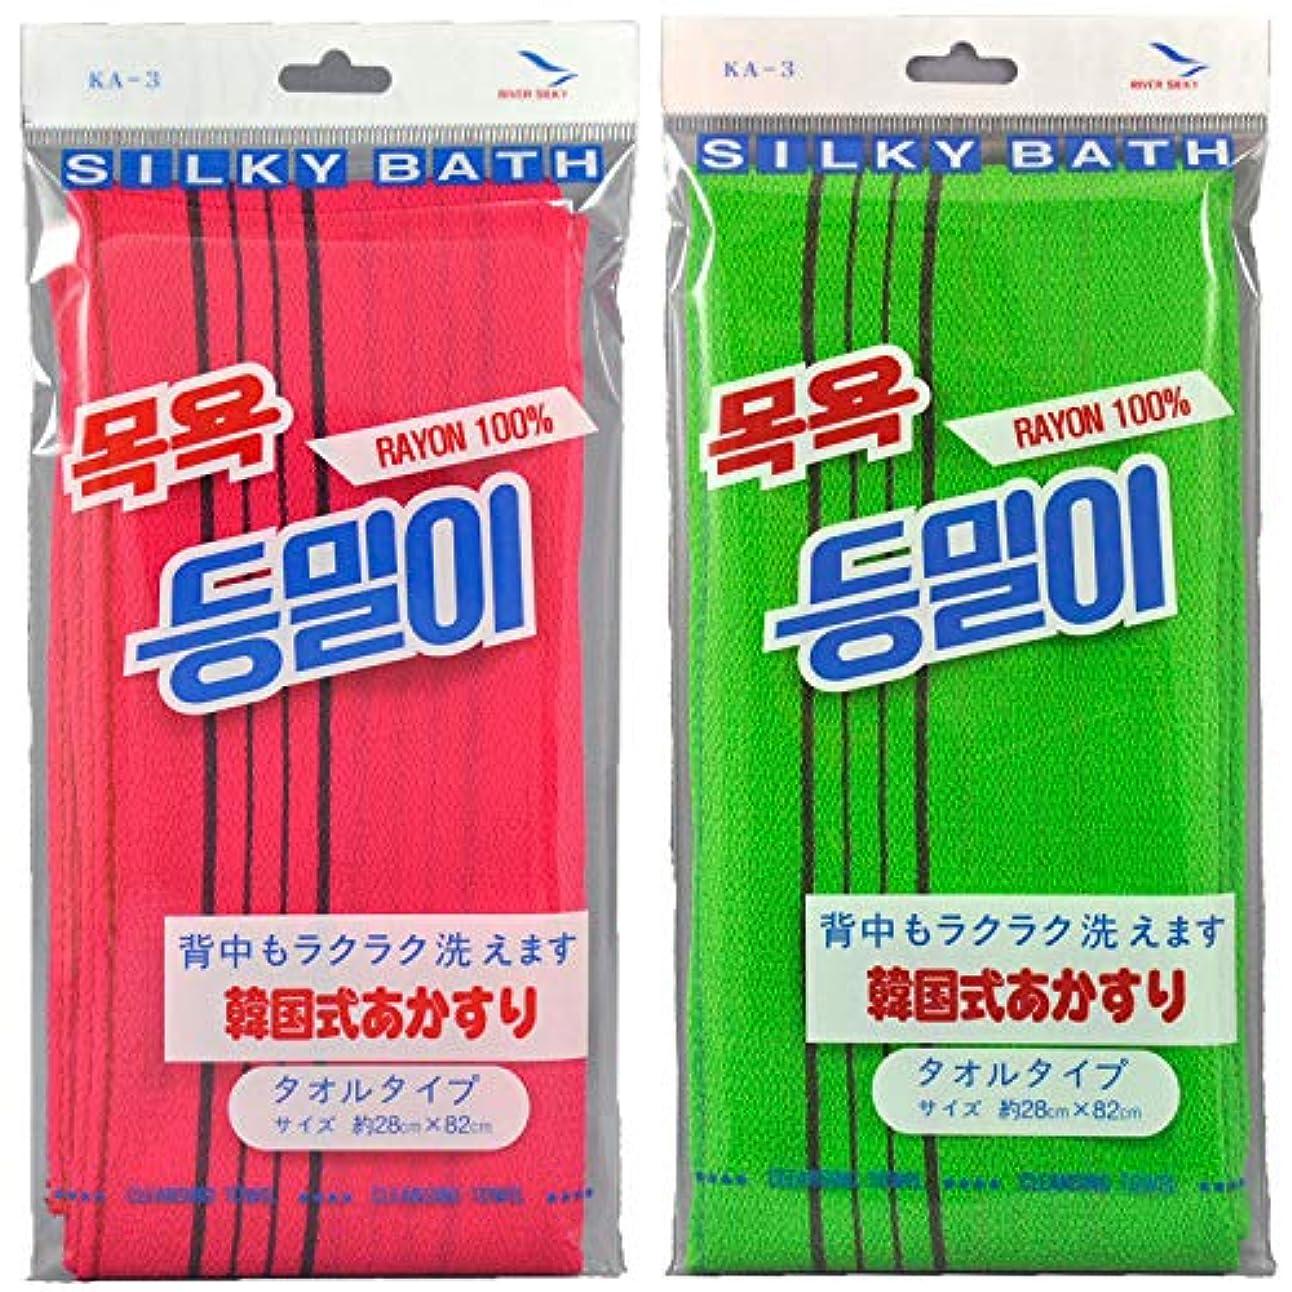 夜間遡る飾り羽キヌガワカンパニー ボディタオル グリーン/レッド - 韓国発 韓国式あかすり タオル 2色組 KA-3 2色入